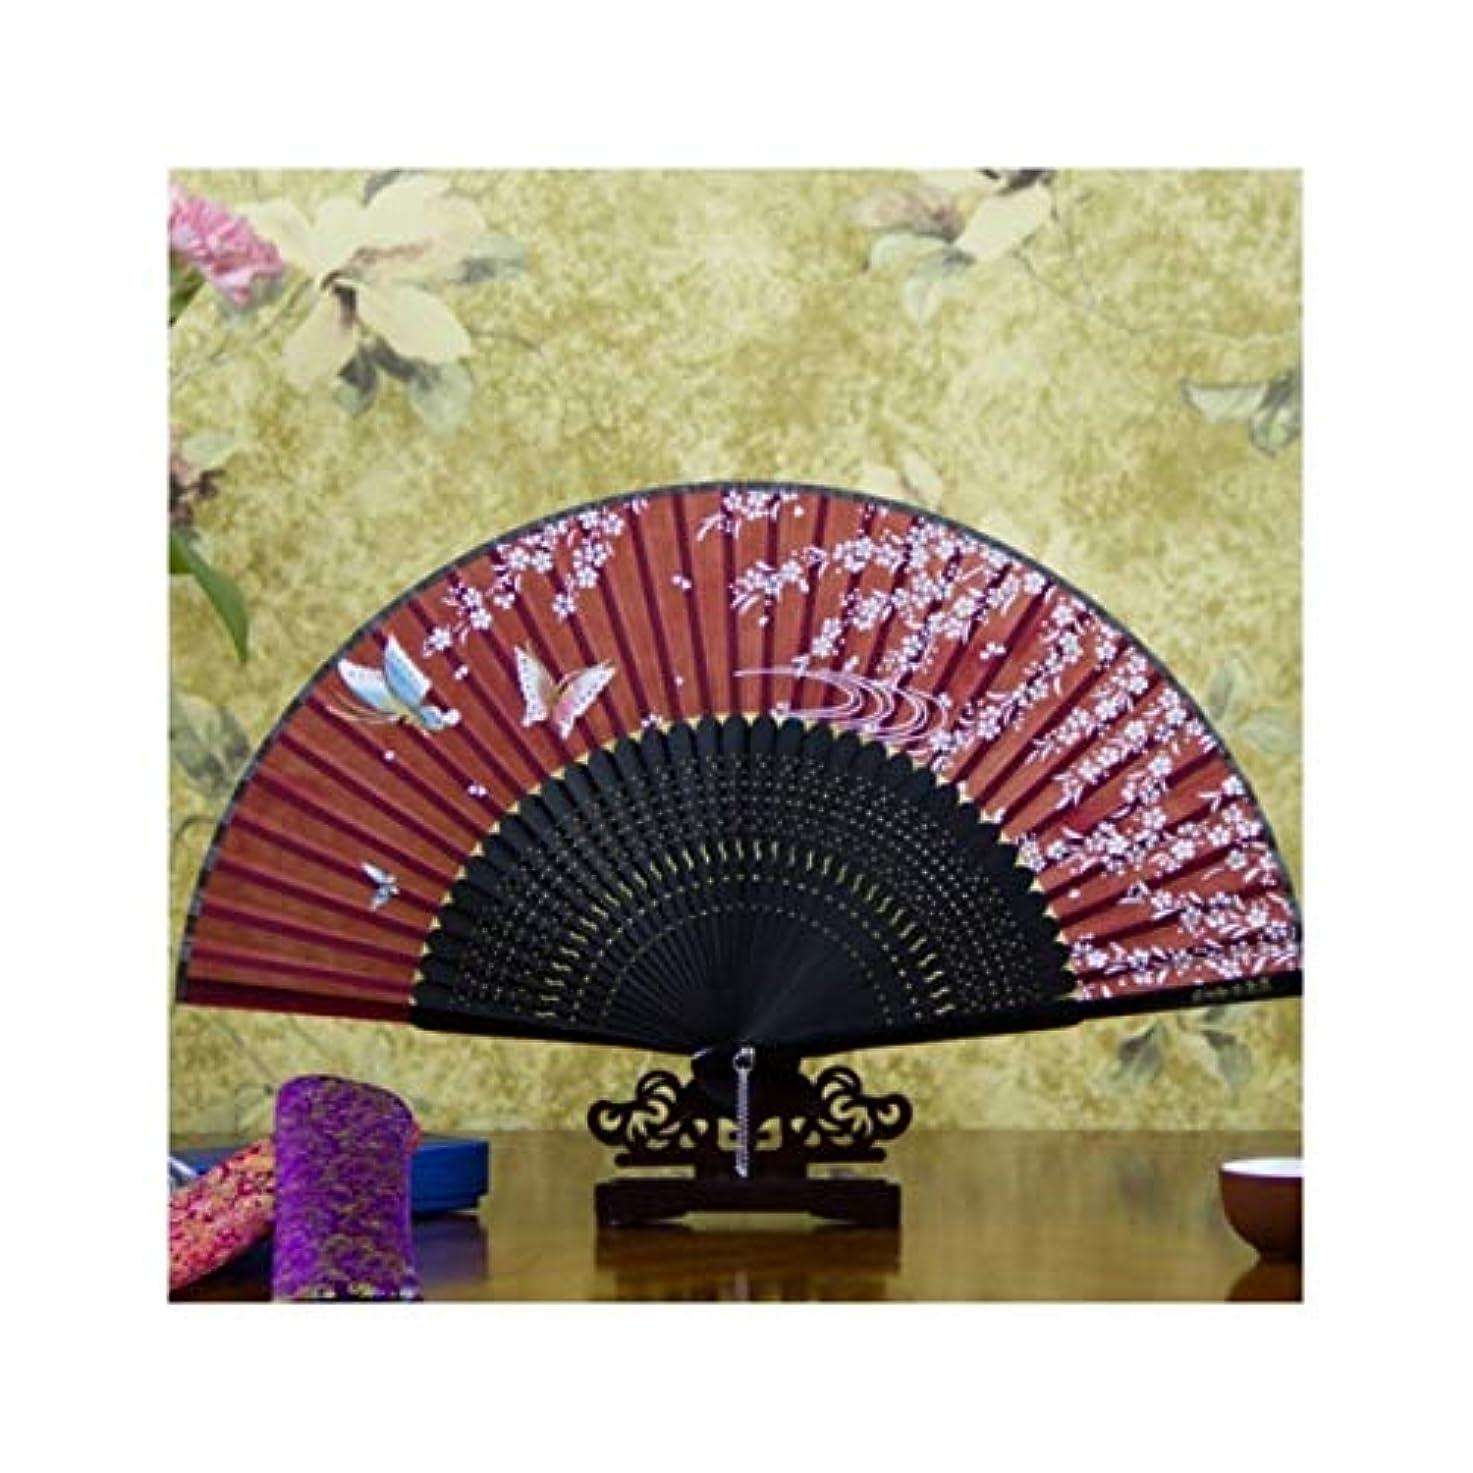 浮くスタッフ才能KATH 手描きのファン、中国のスタイルのギフトファン、扇子、